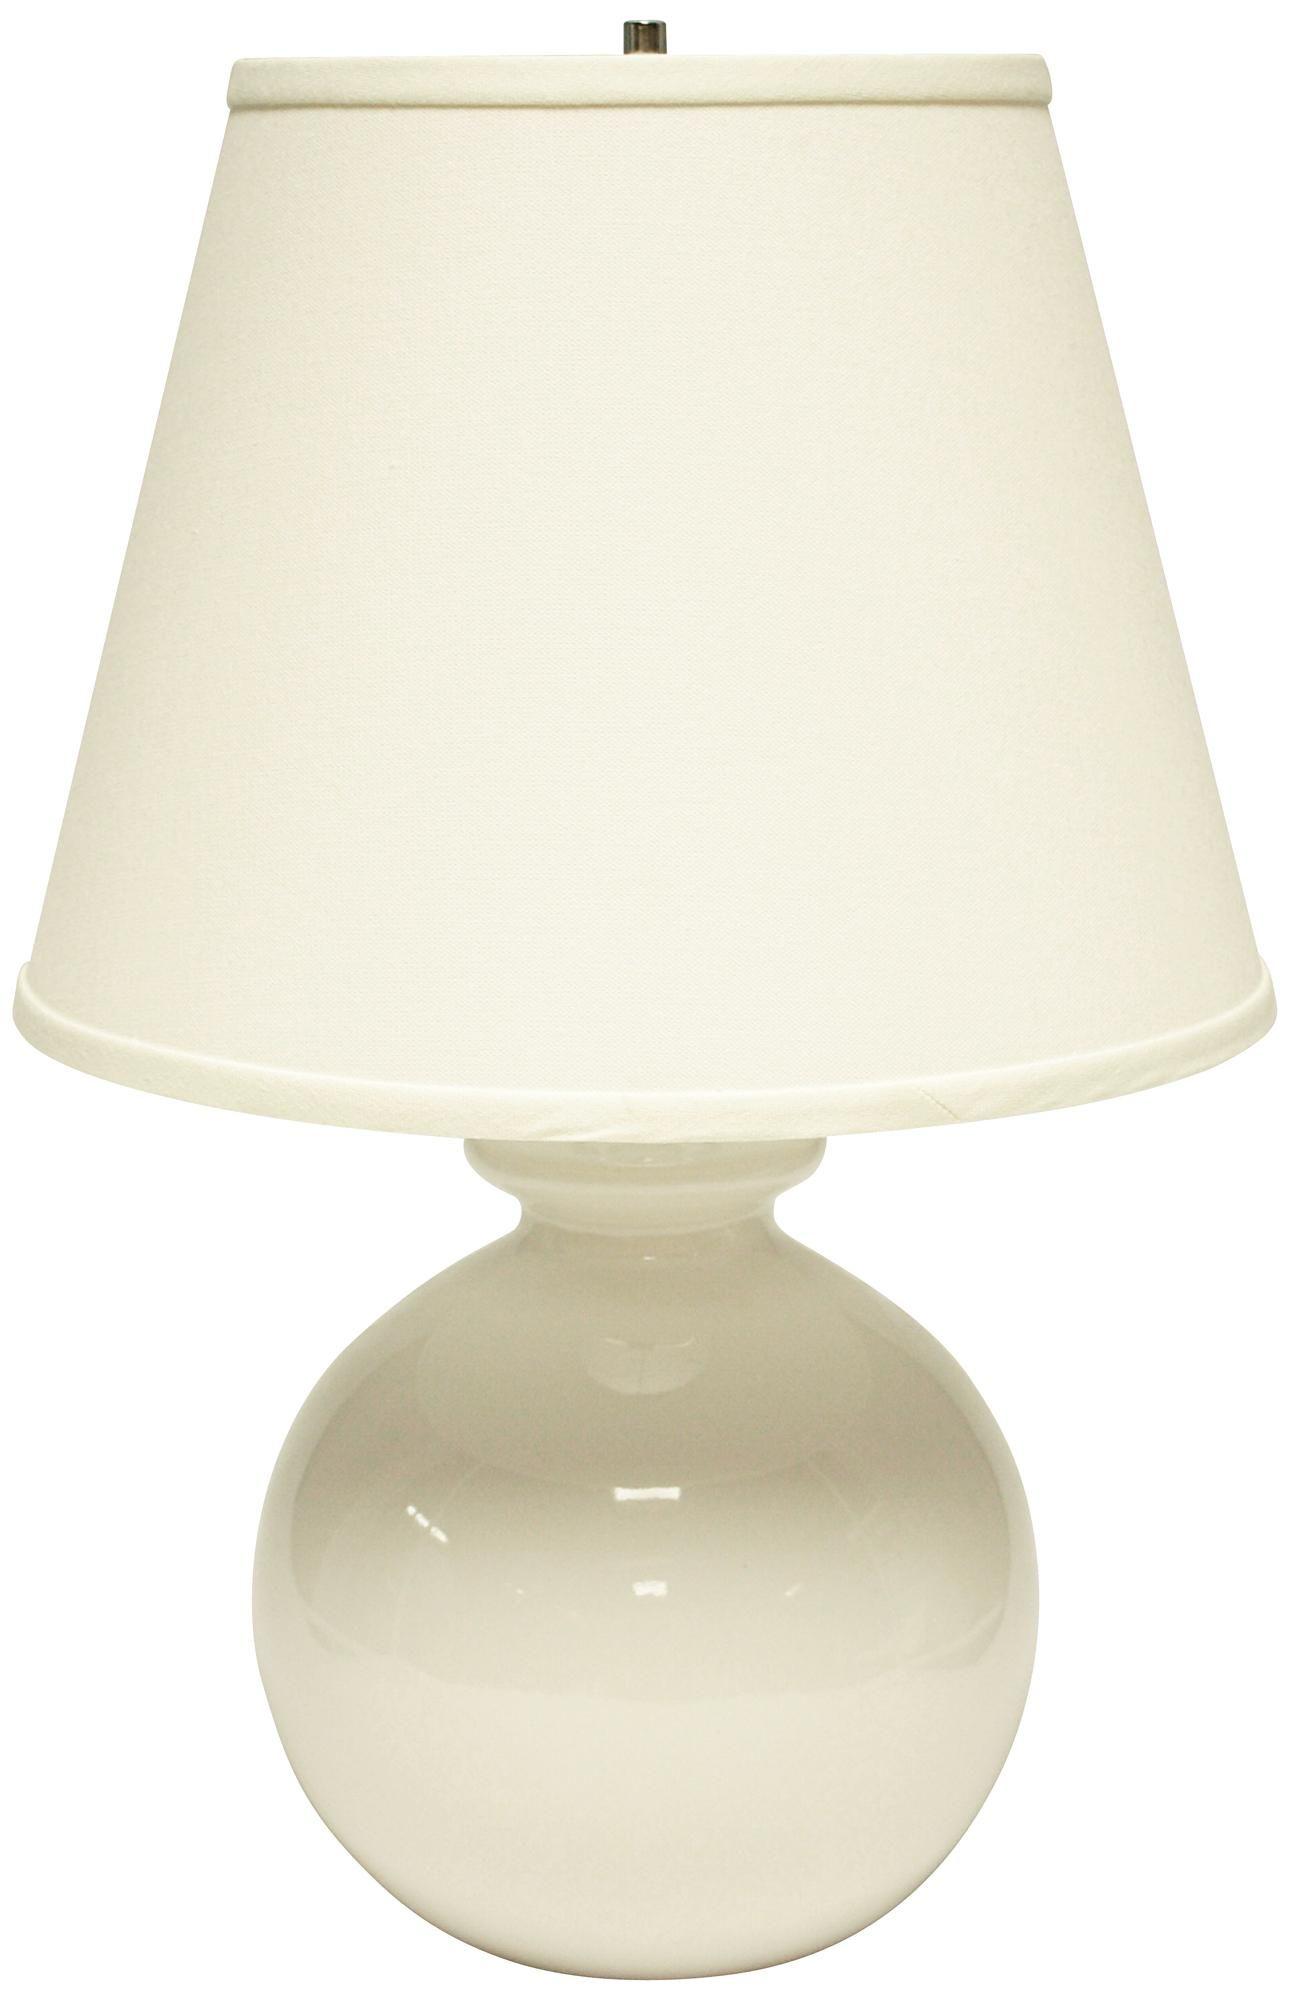 Haeger Potteries White Bristol Bottle Ceramic Table Lamp U4971 Lamps Plus Table Lamp Ceramic Table Lamps Lamp